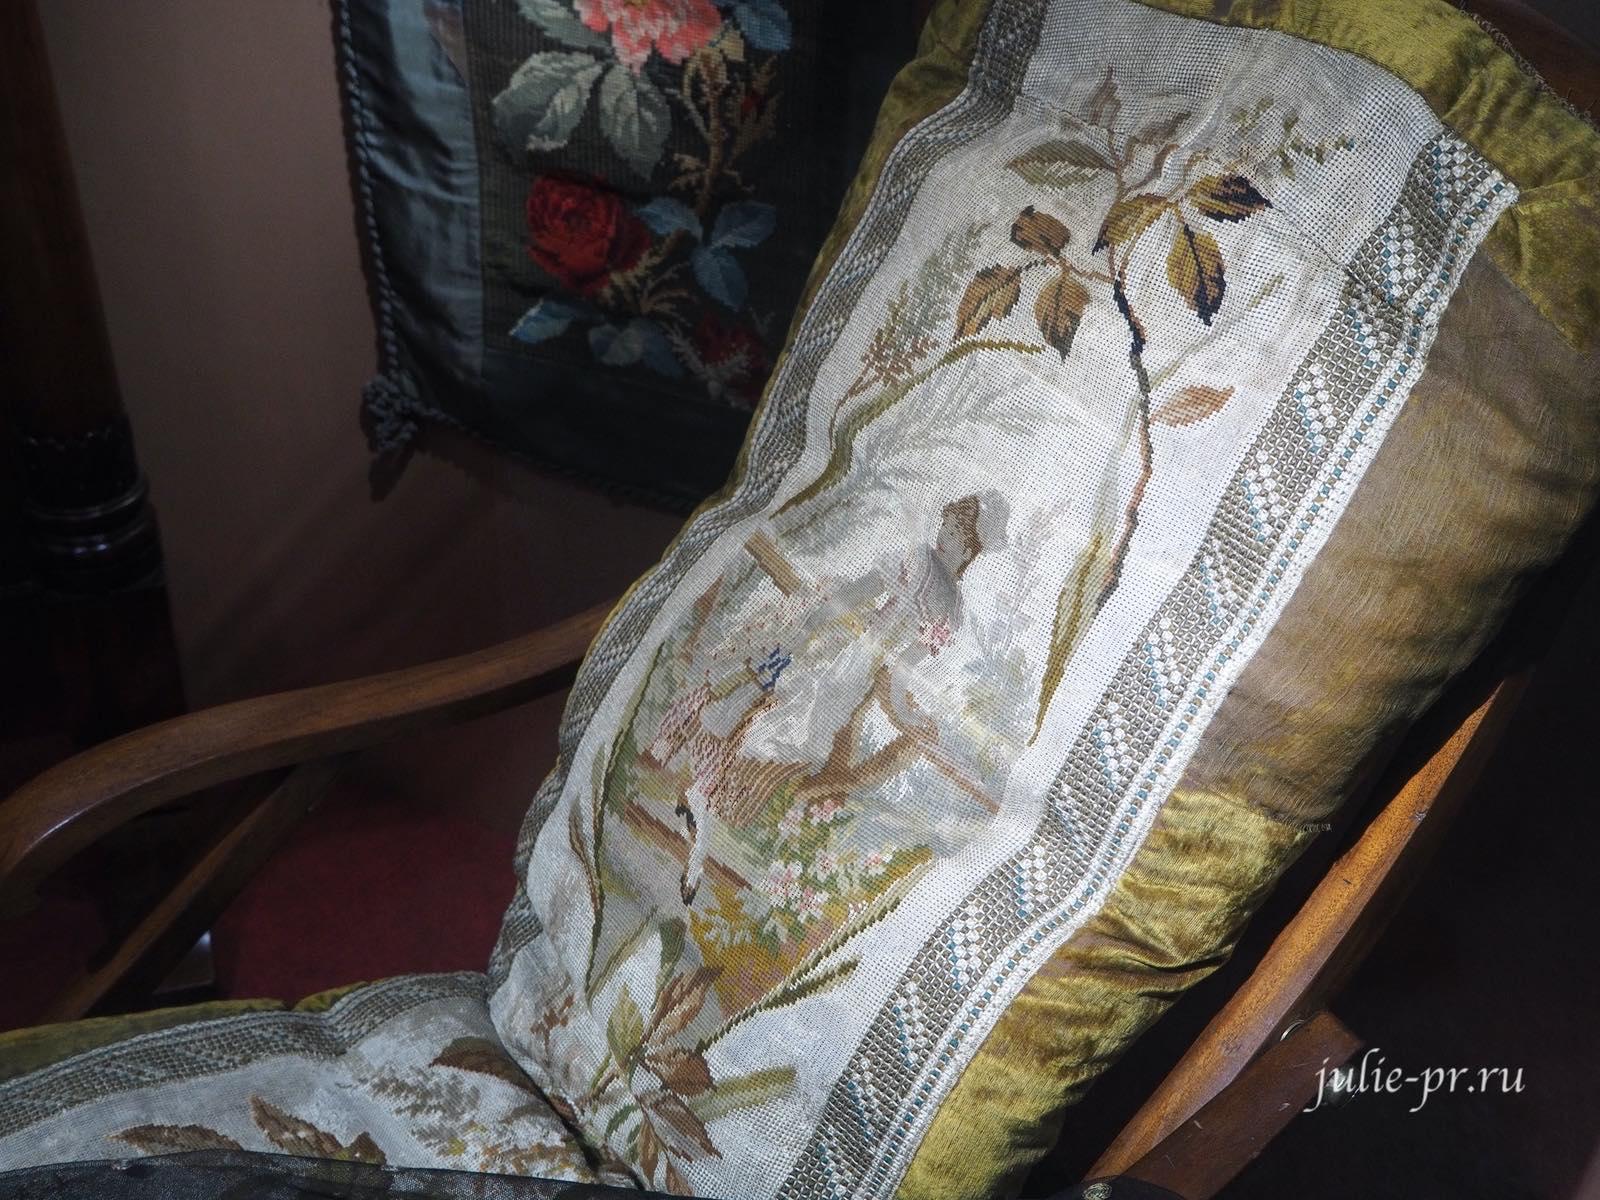 Кресло из красного дерева (Россия, вторая половина XIX века): вышивка полукрестом, штопальным швом по канве